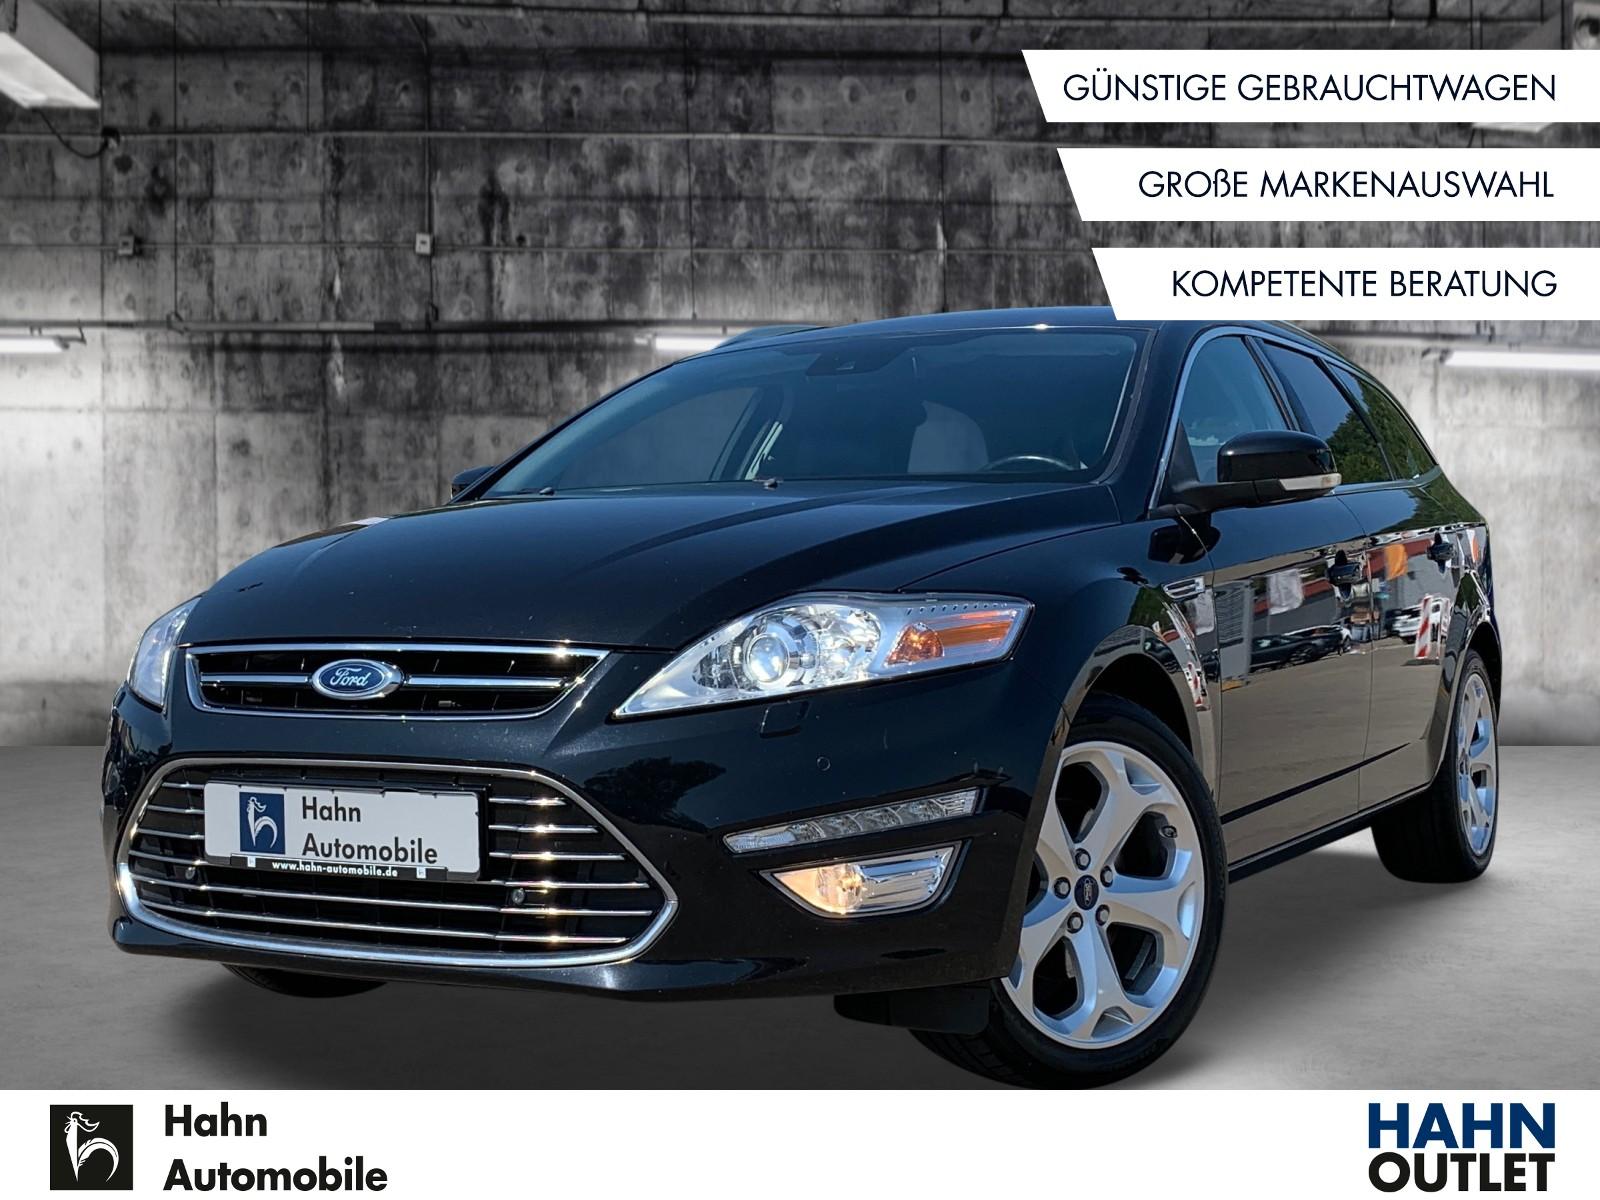 Ford Mondeo Turnier 2.0 TDCI Titanium Kamera FSE GRA, Jahr 2014, Diesel